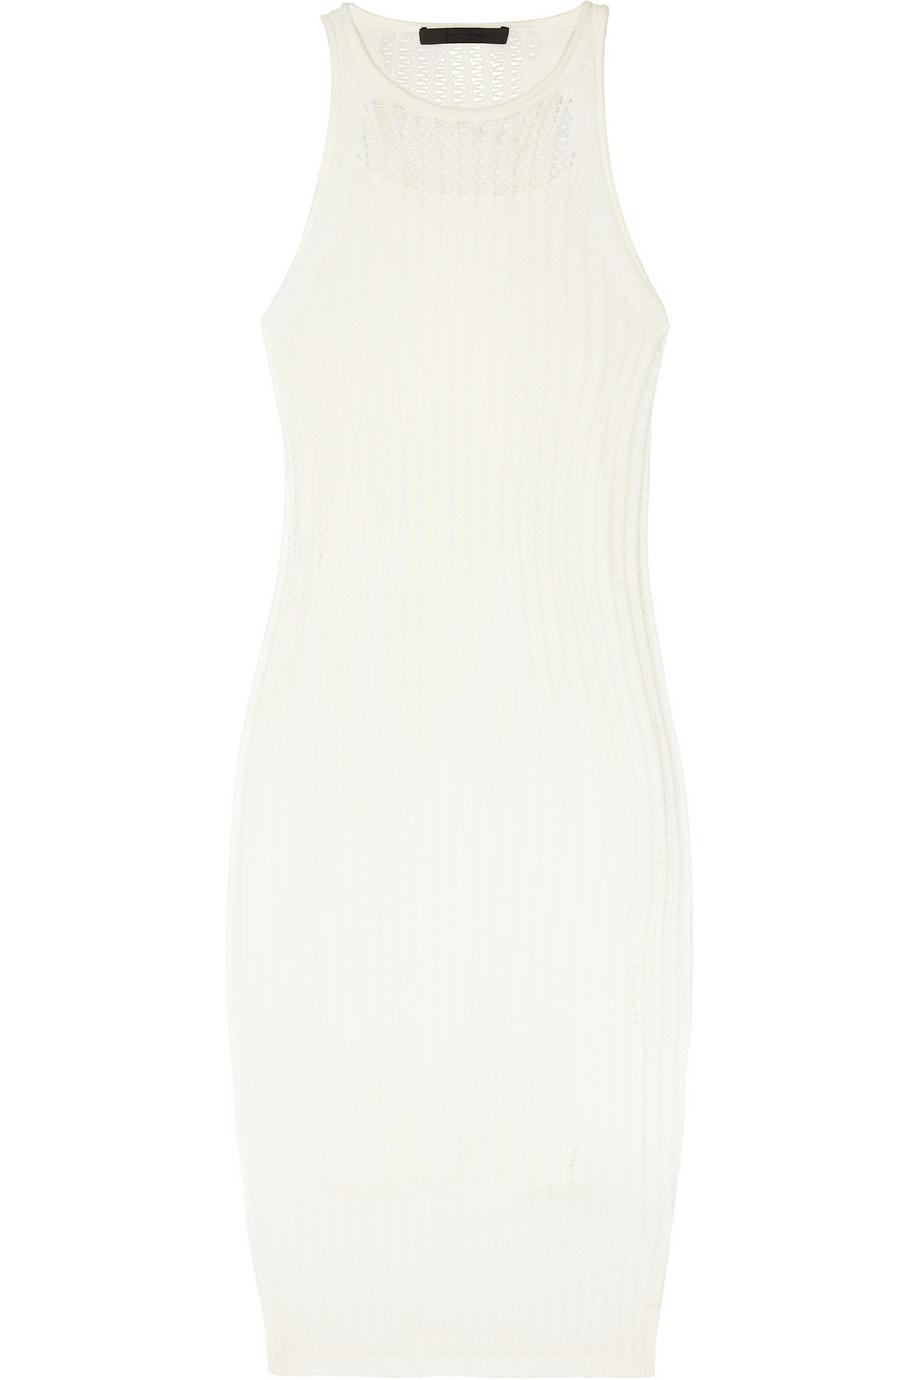 Cotton Knit Tank Dress